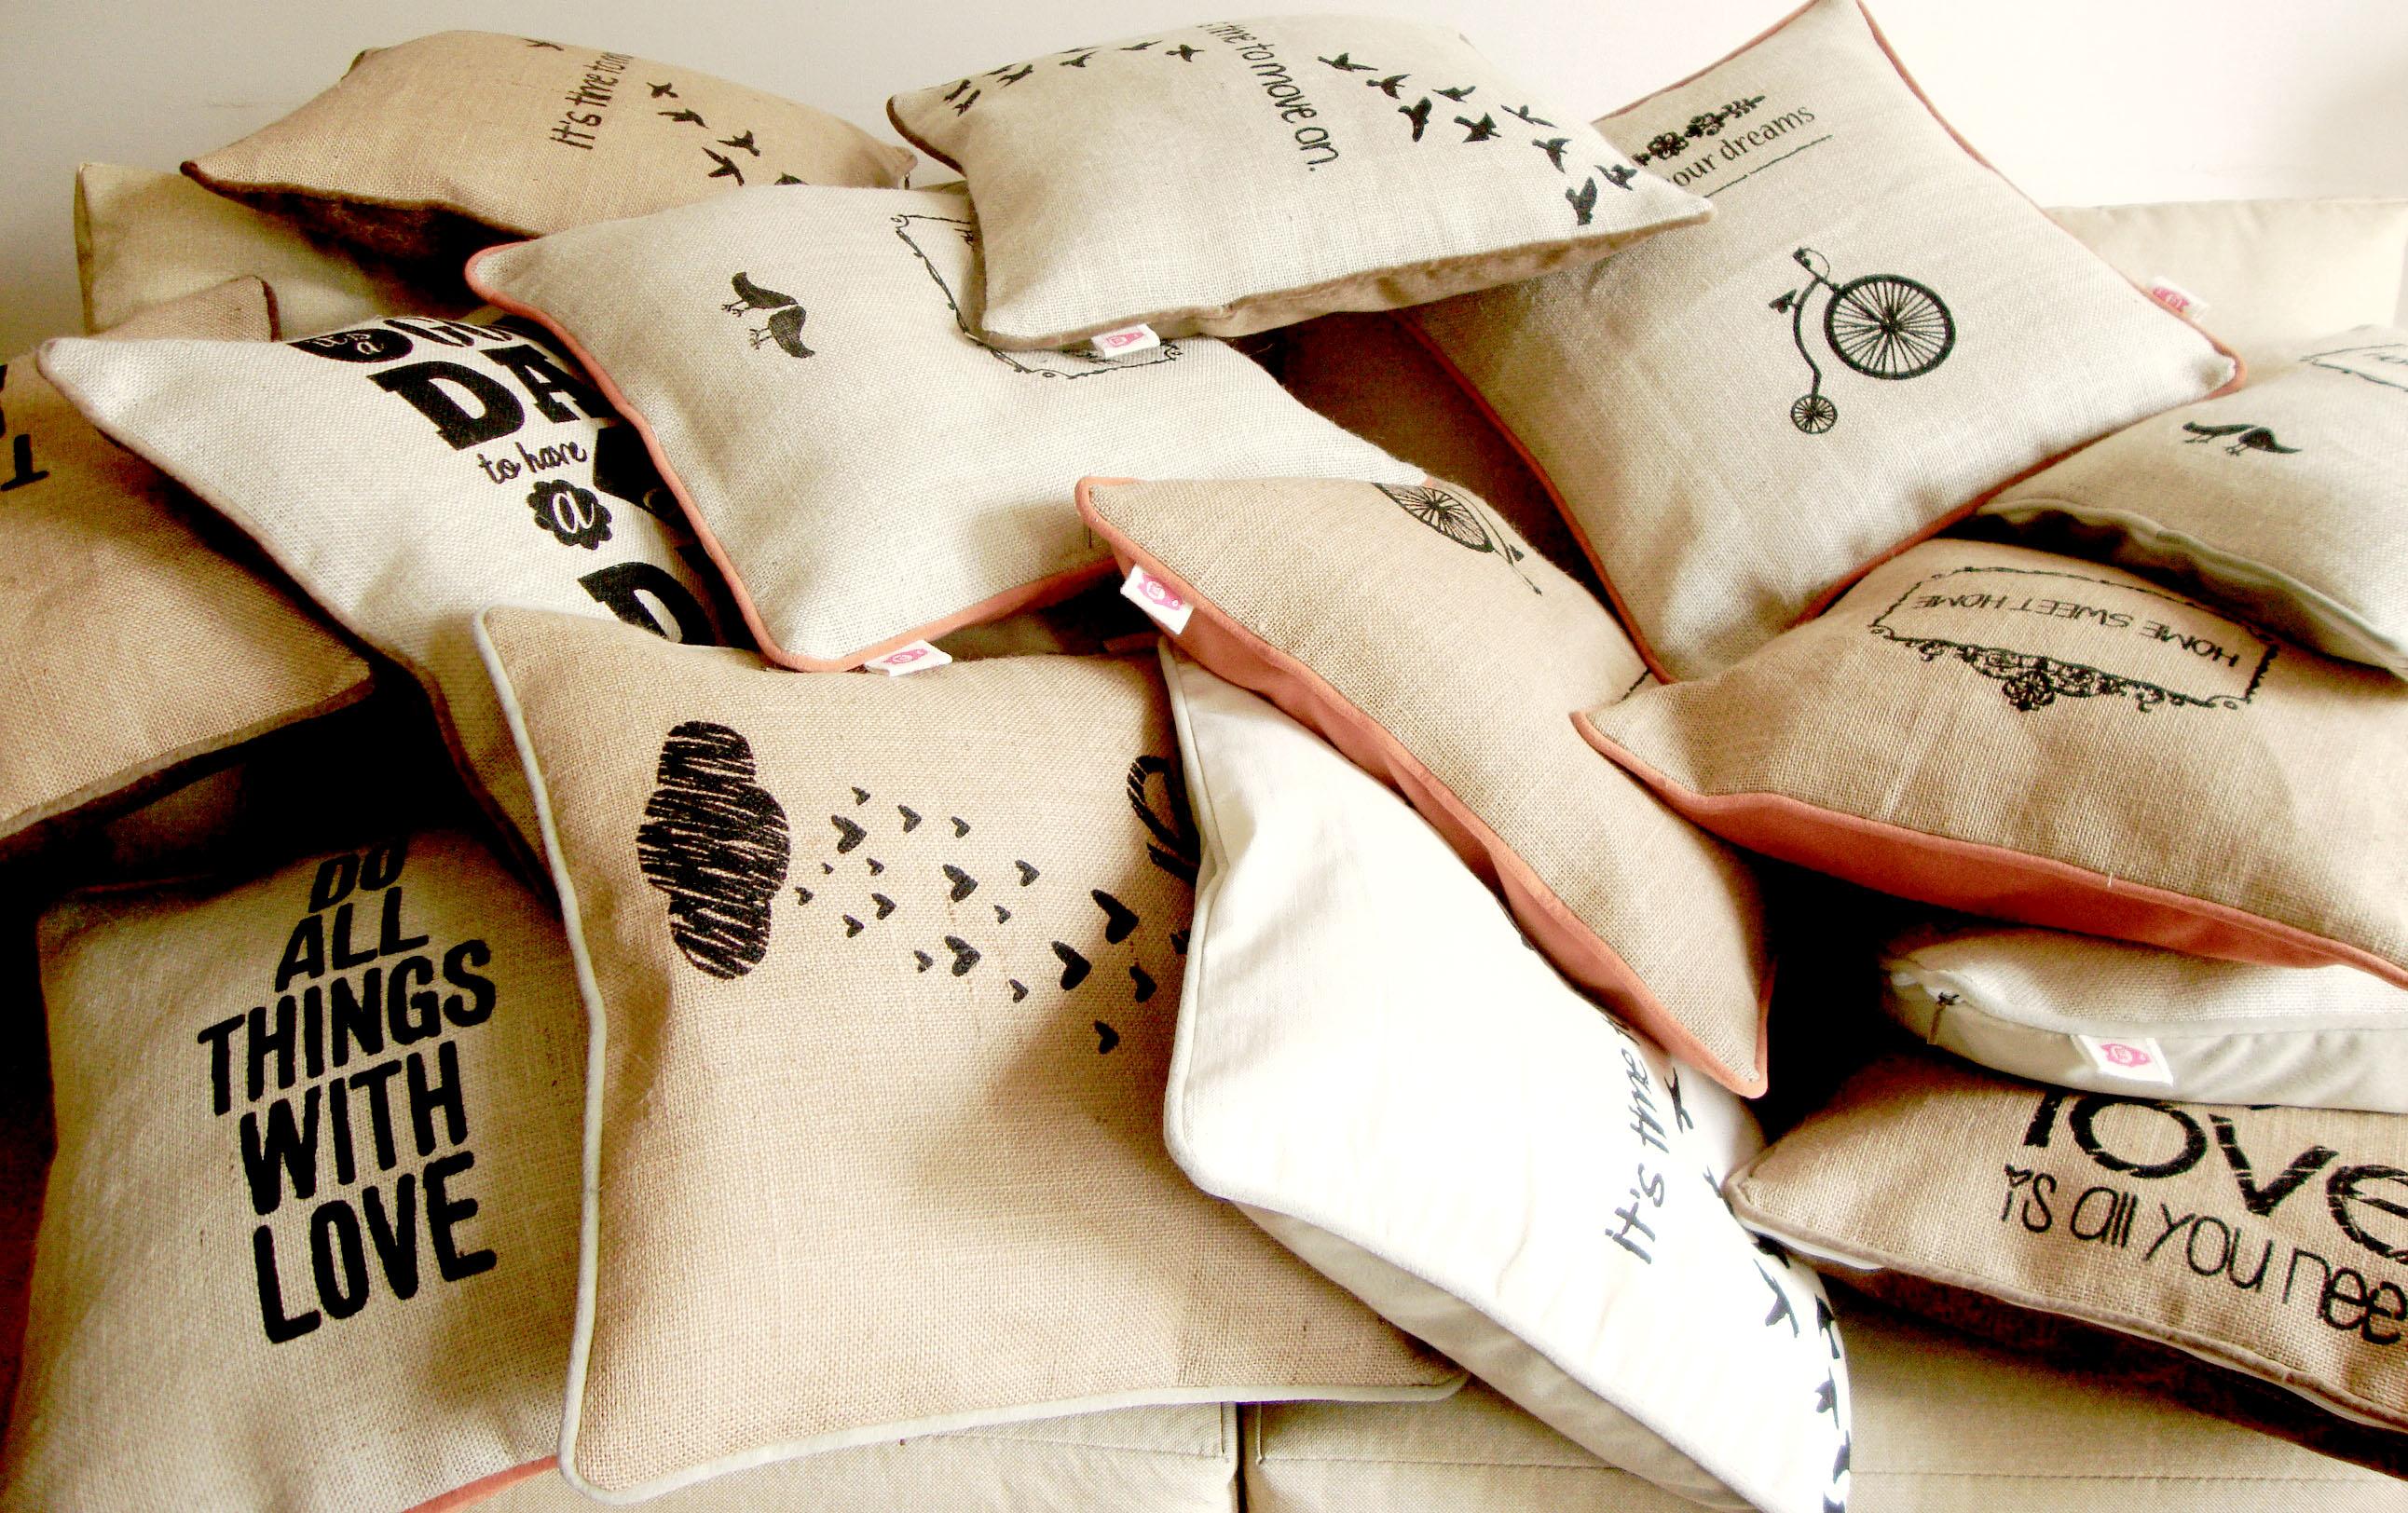 Con los almohadones personalizados de Soy de Plush, los novios van a poder elegir diferentes motivos y tamaños